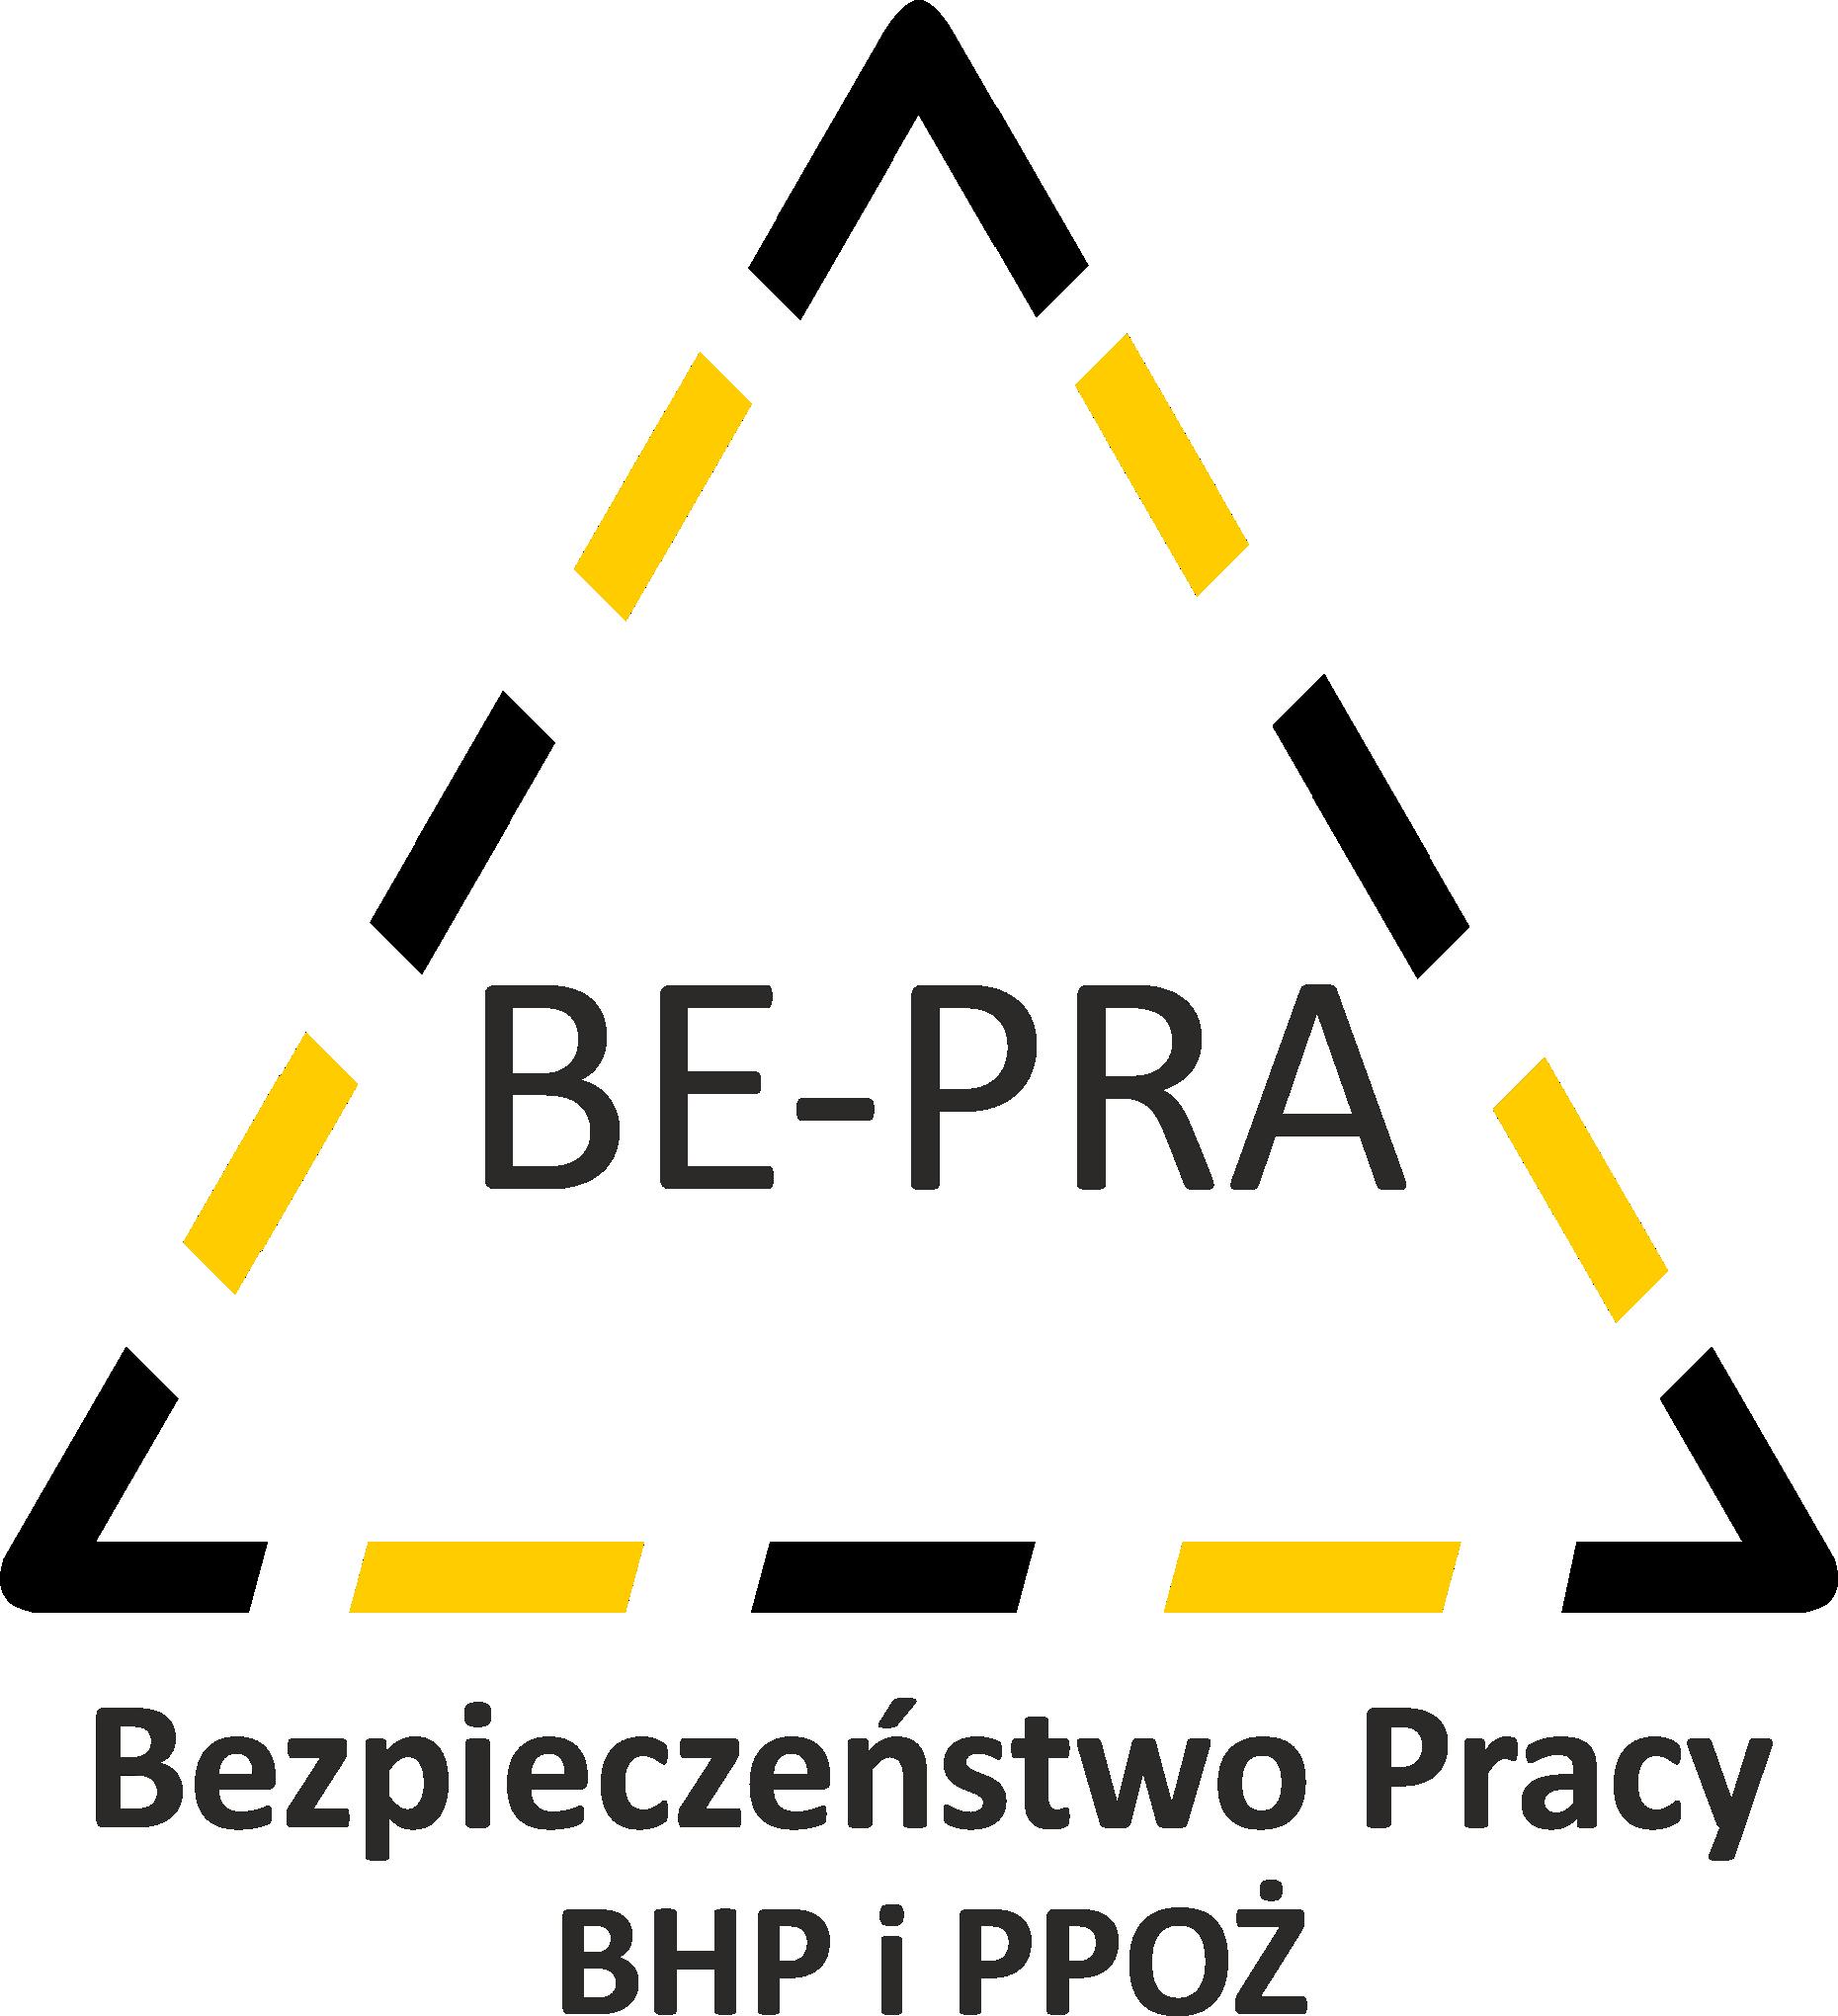 BE-PRA